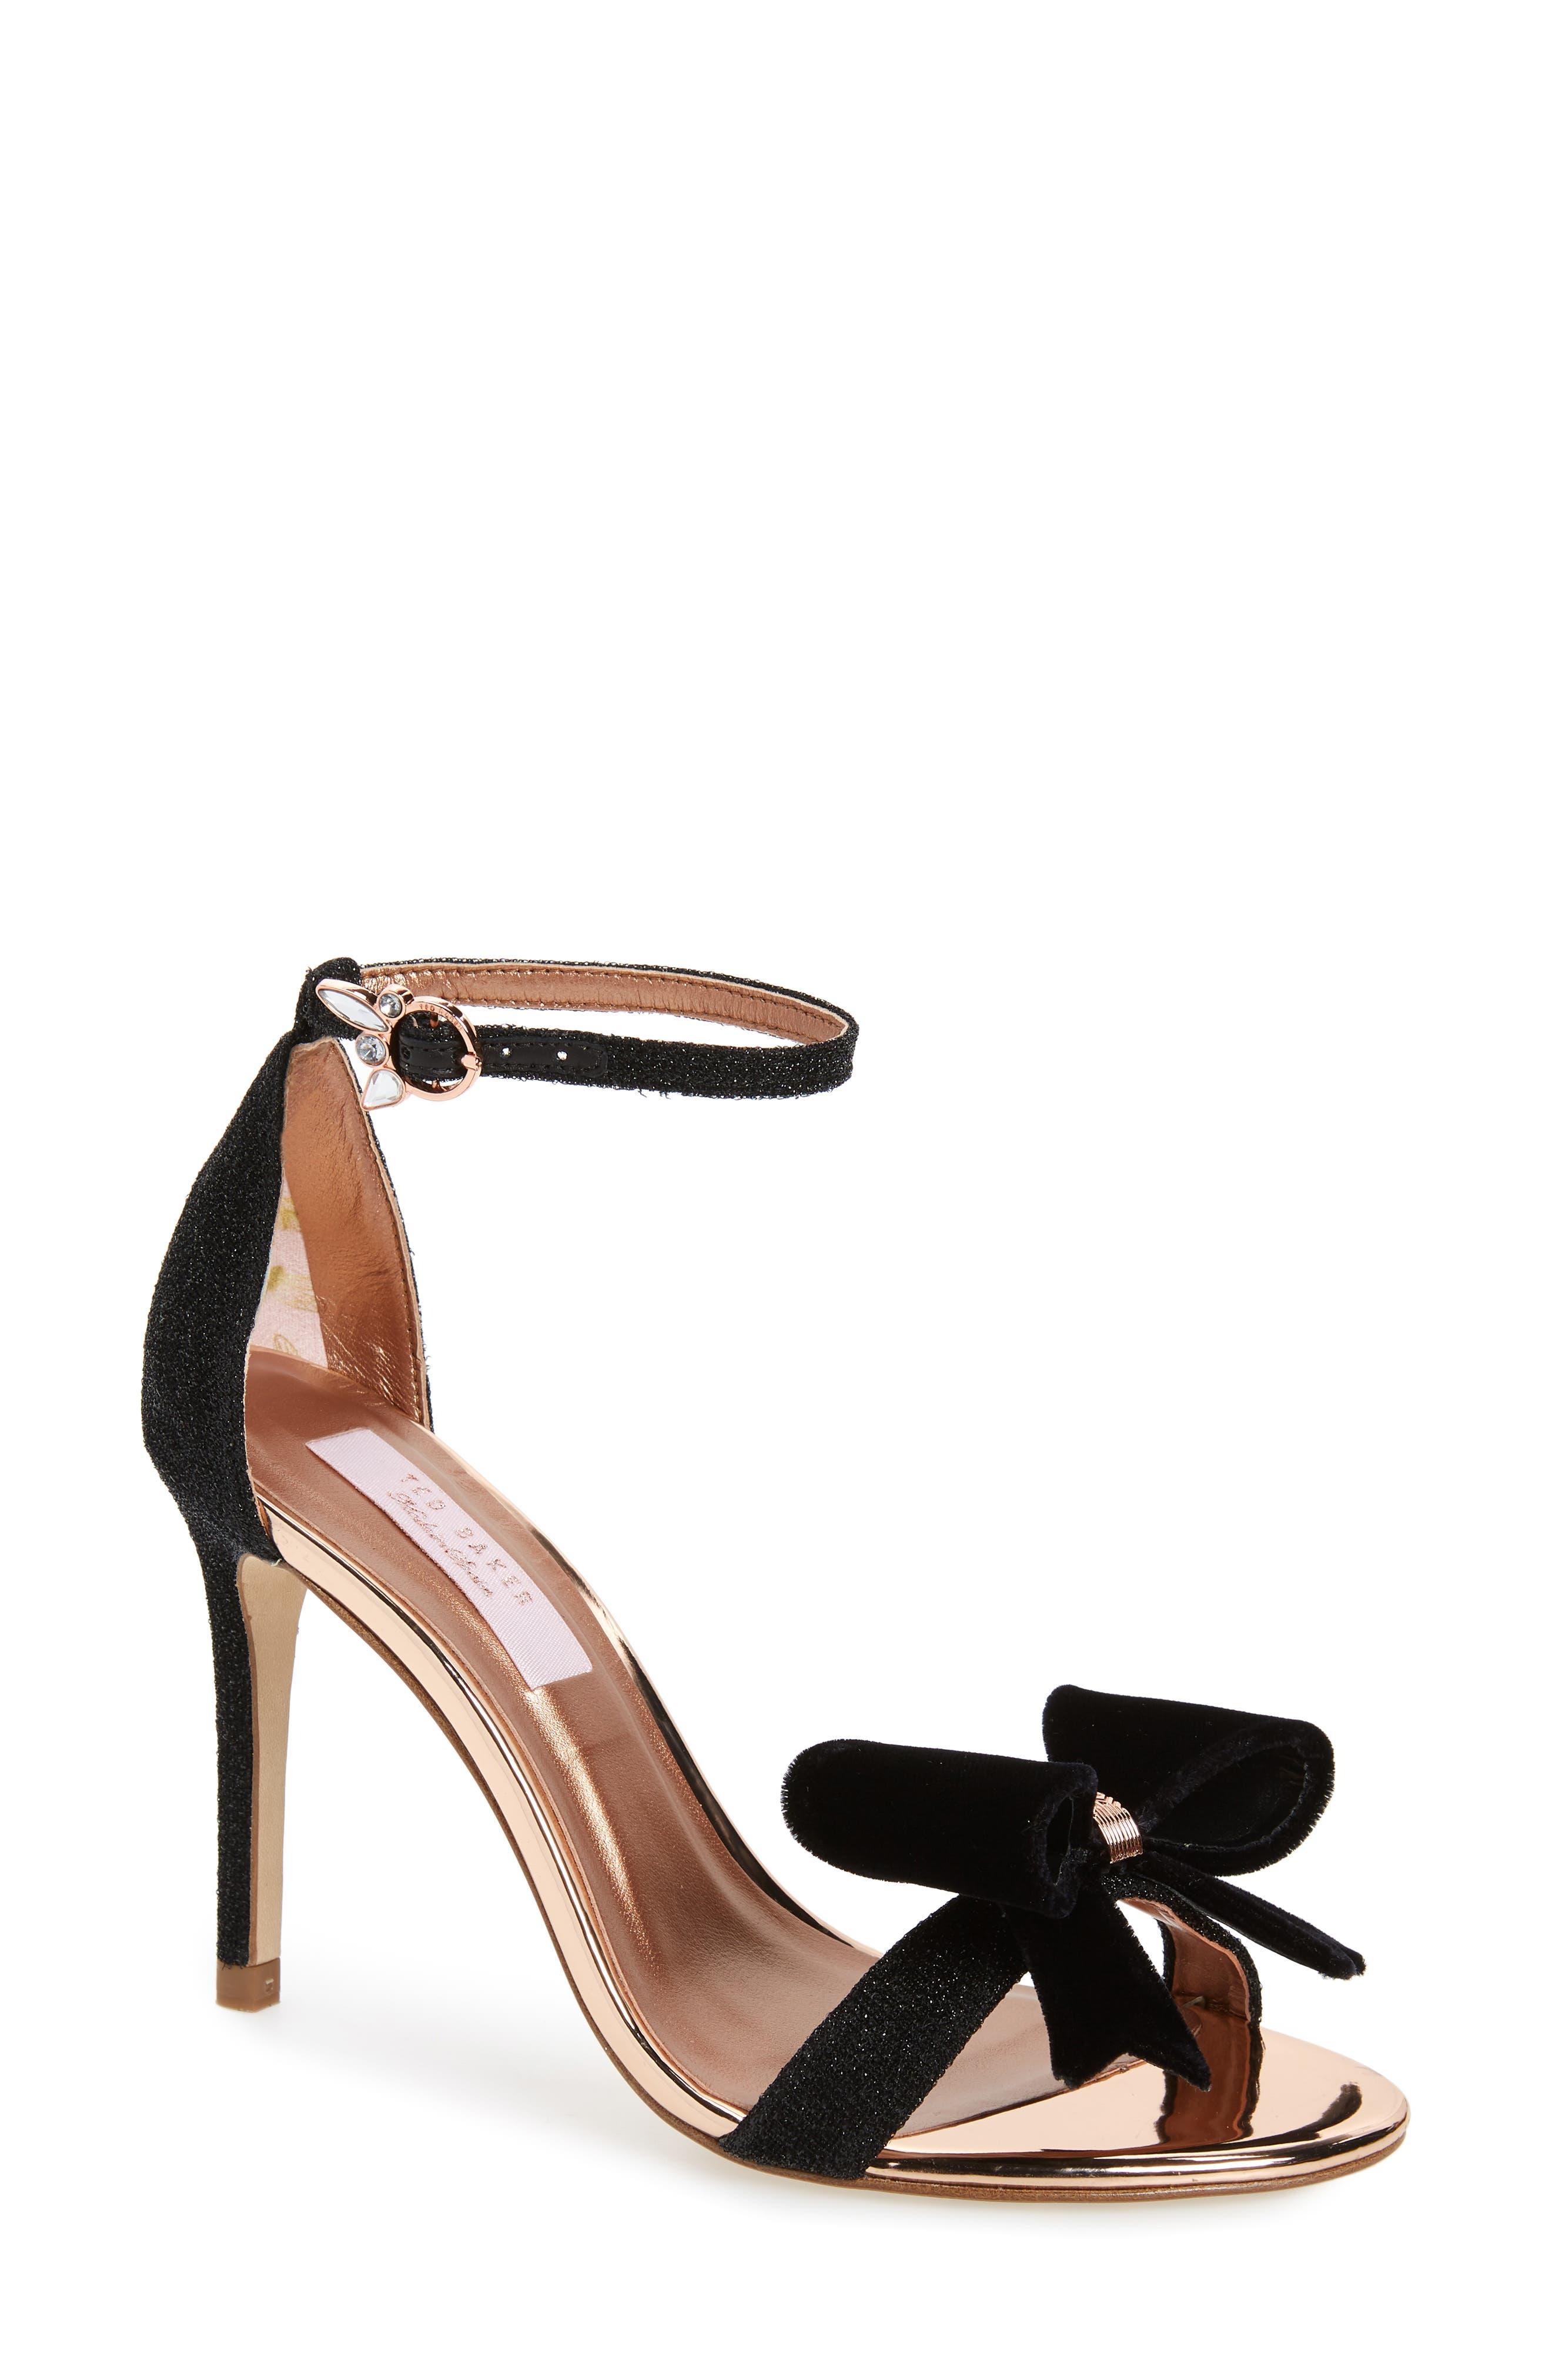 Bowdalo Sandal,                         Main,                         color, BLACK